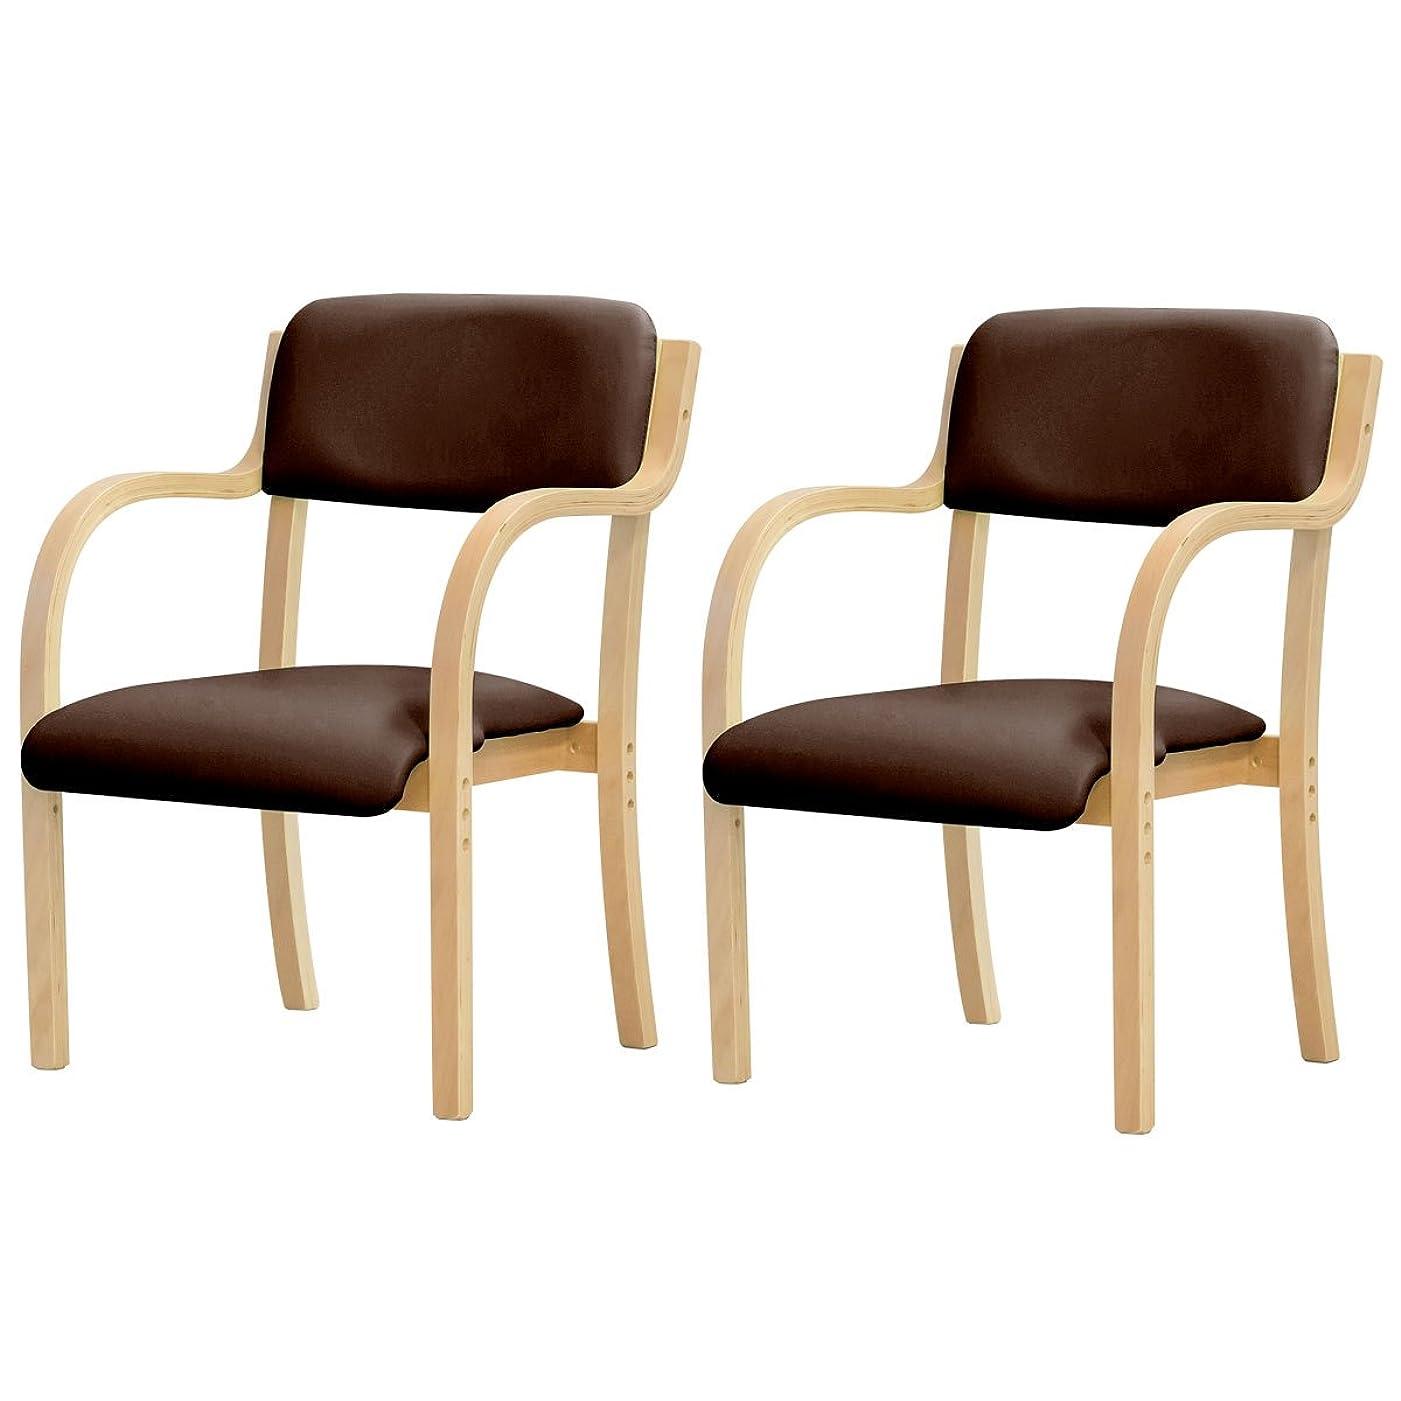 魅惑する実際に金銭的なottostyle.jp ダイニングチェア 介護椅子 2脚セット 【ナチュラル×ダークブラウン】 肘付き スタッキング可能